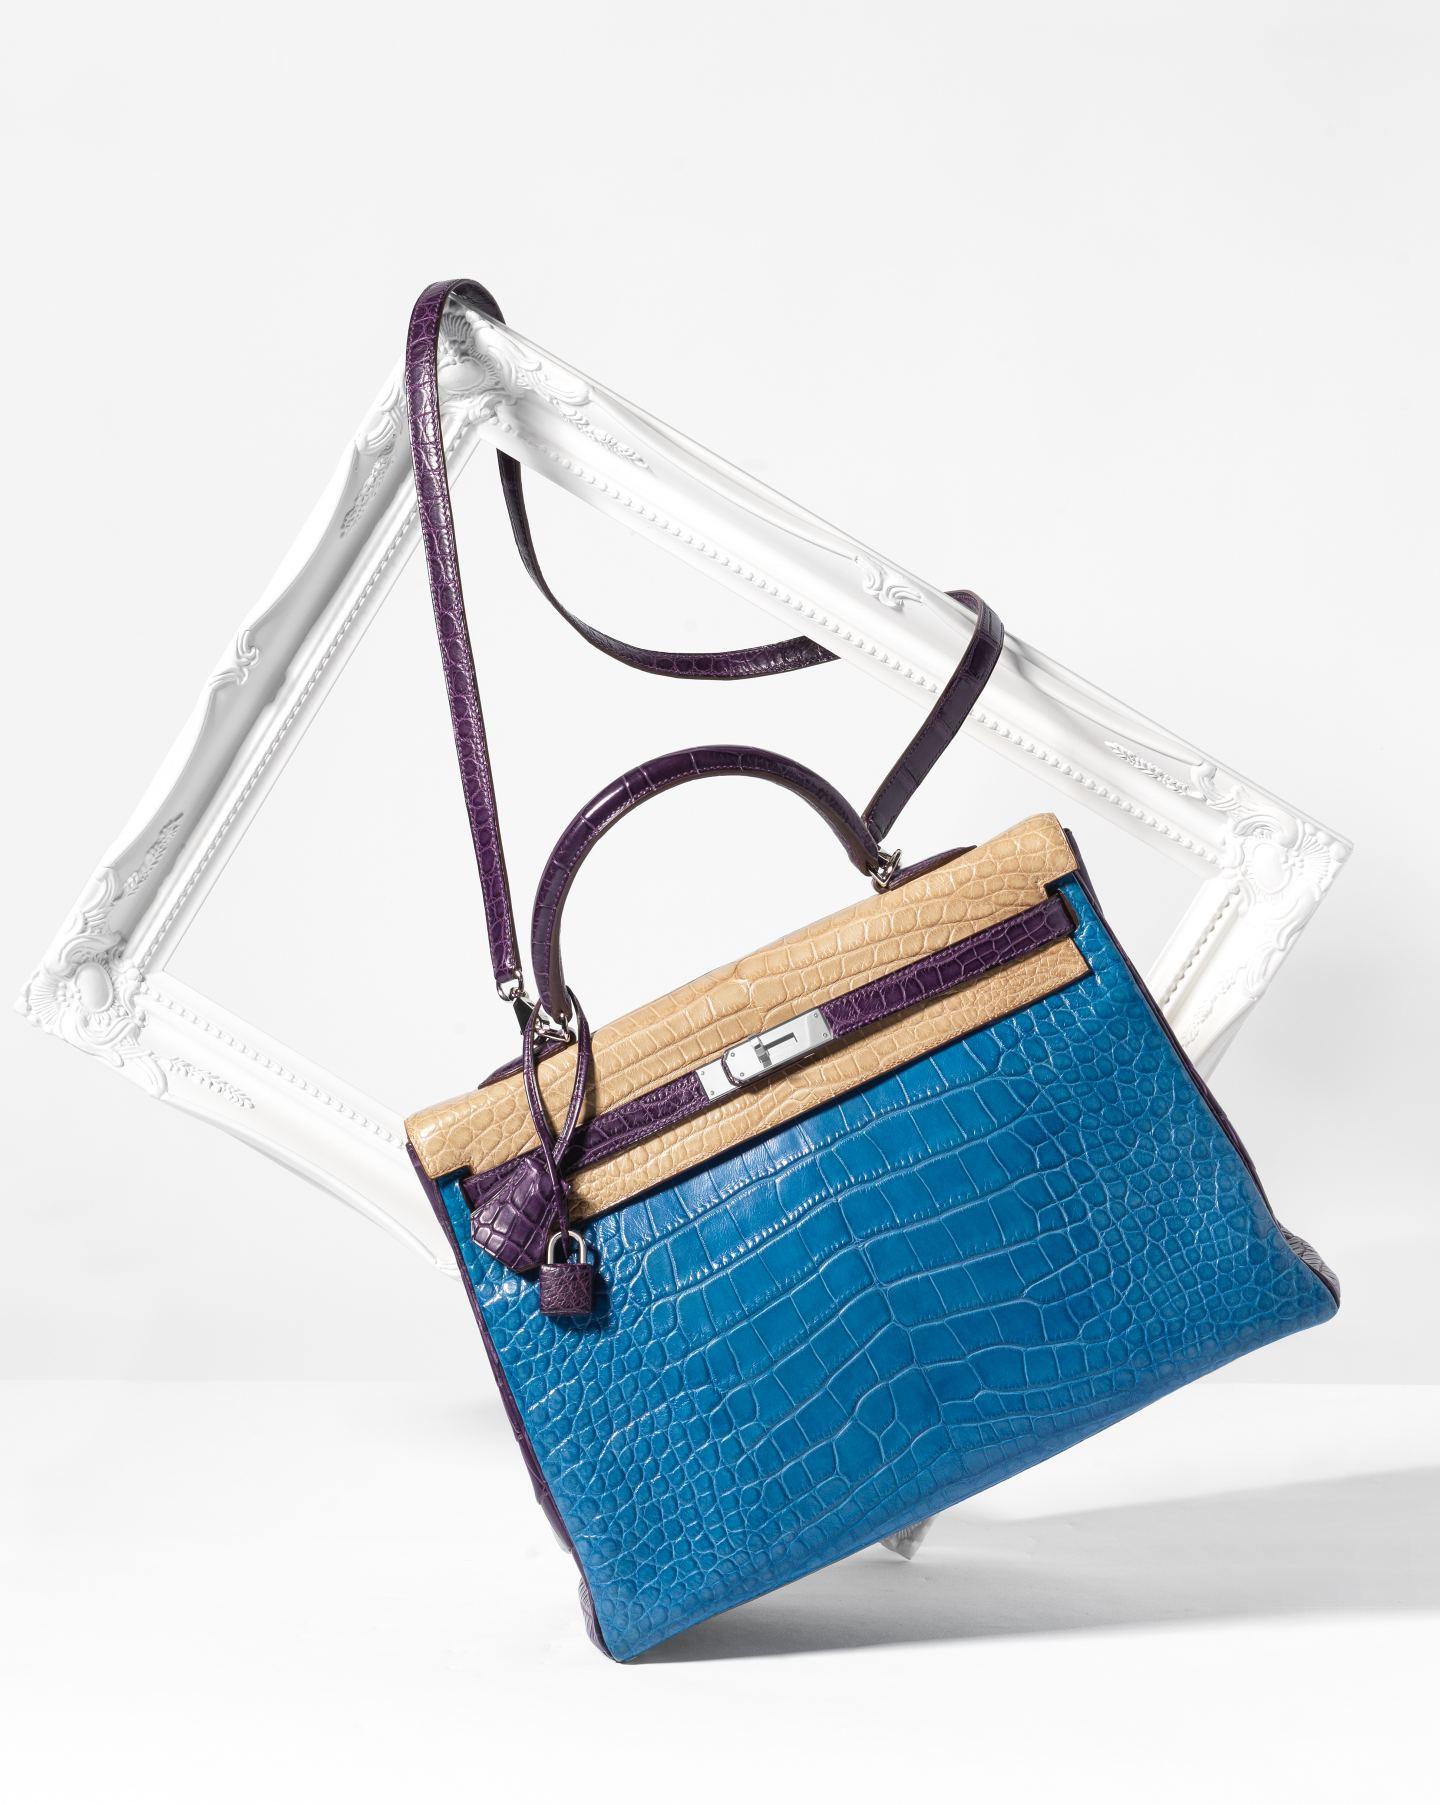 hermes kelly bag tricolor bag handbag